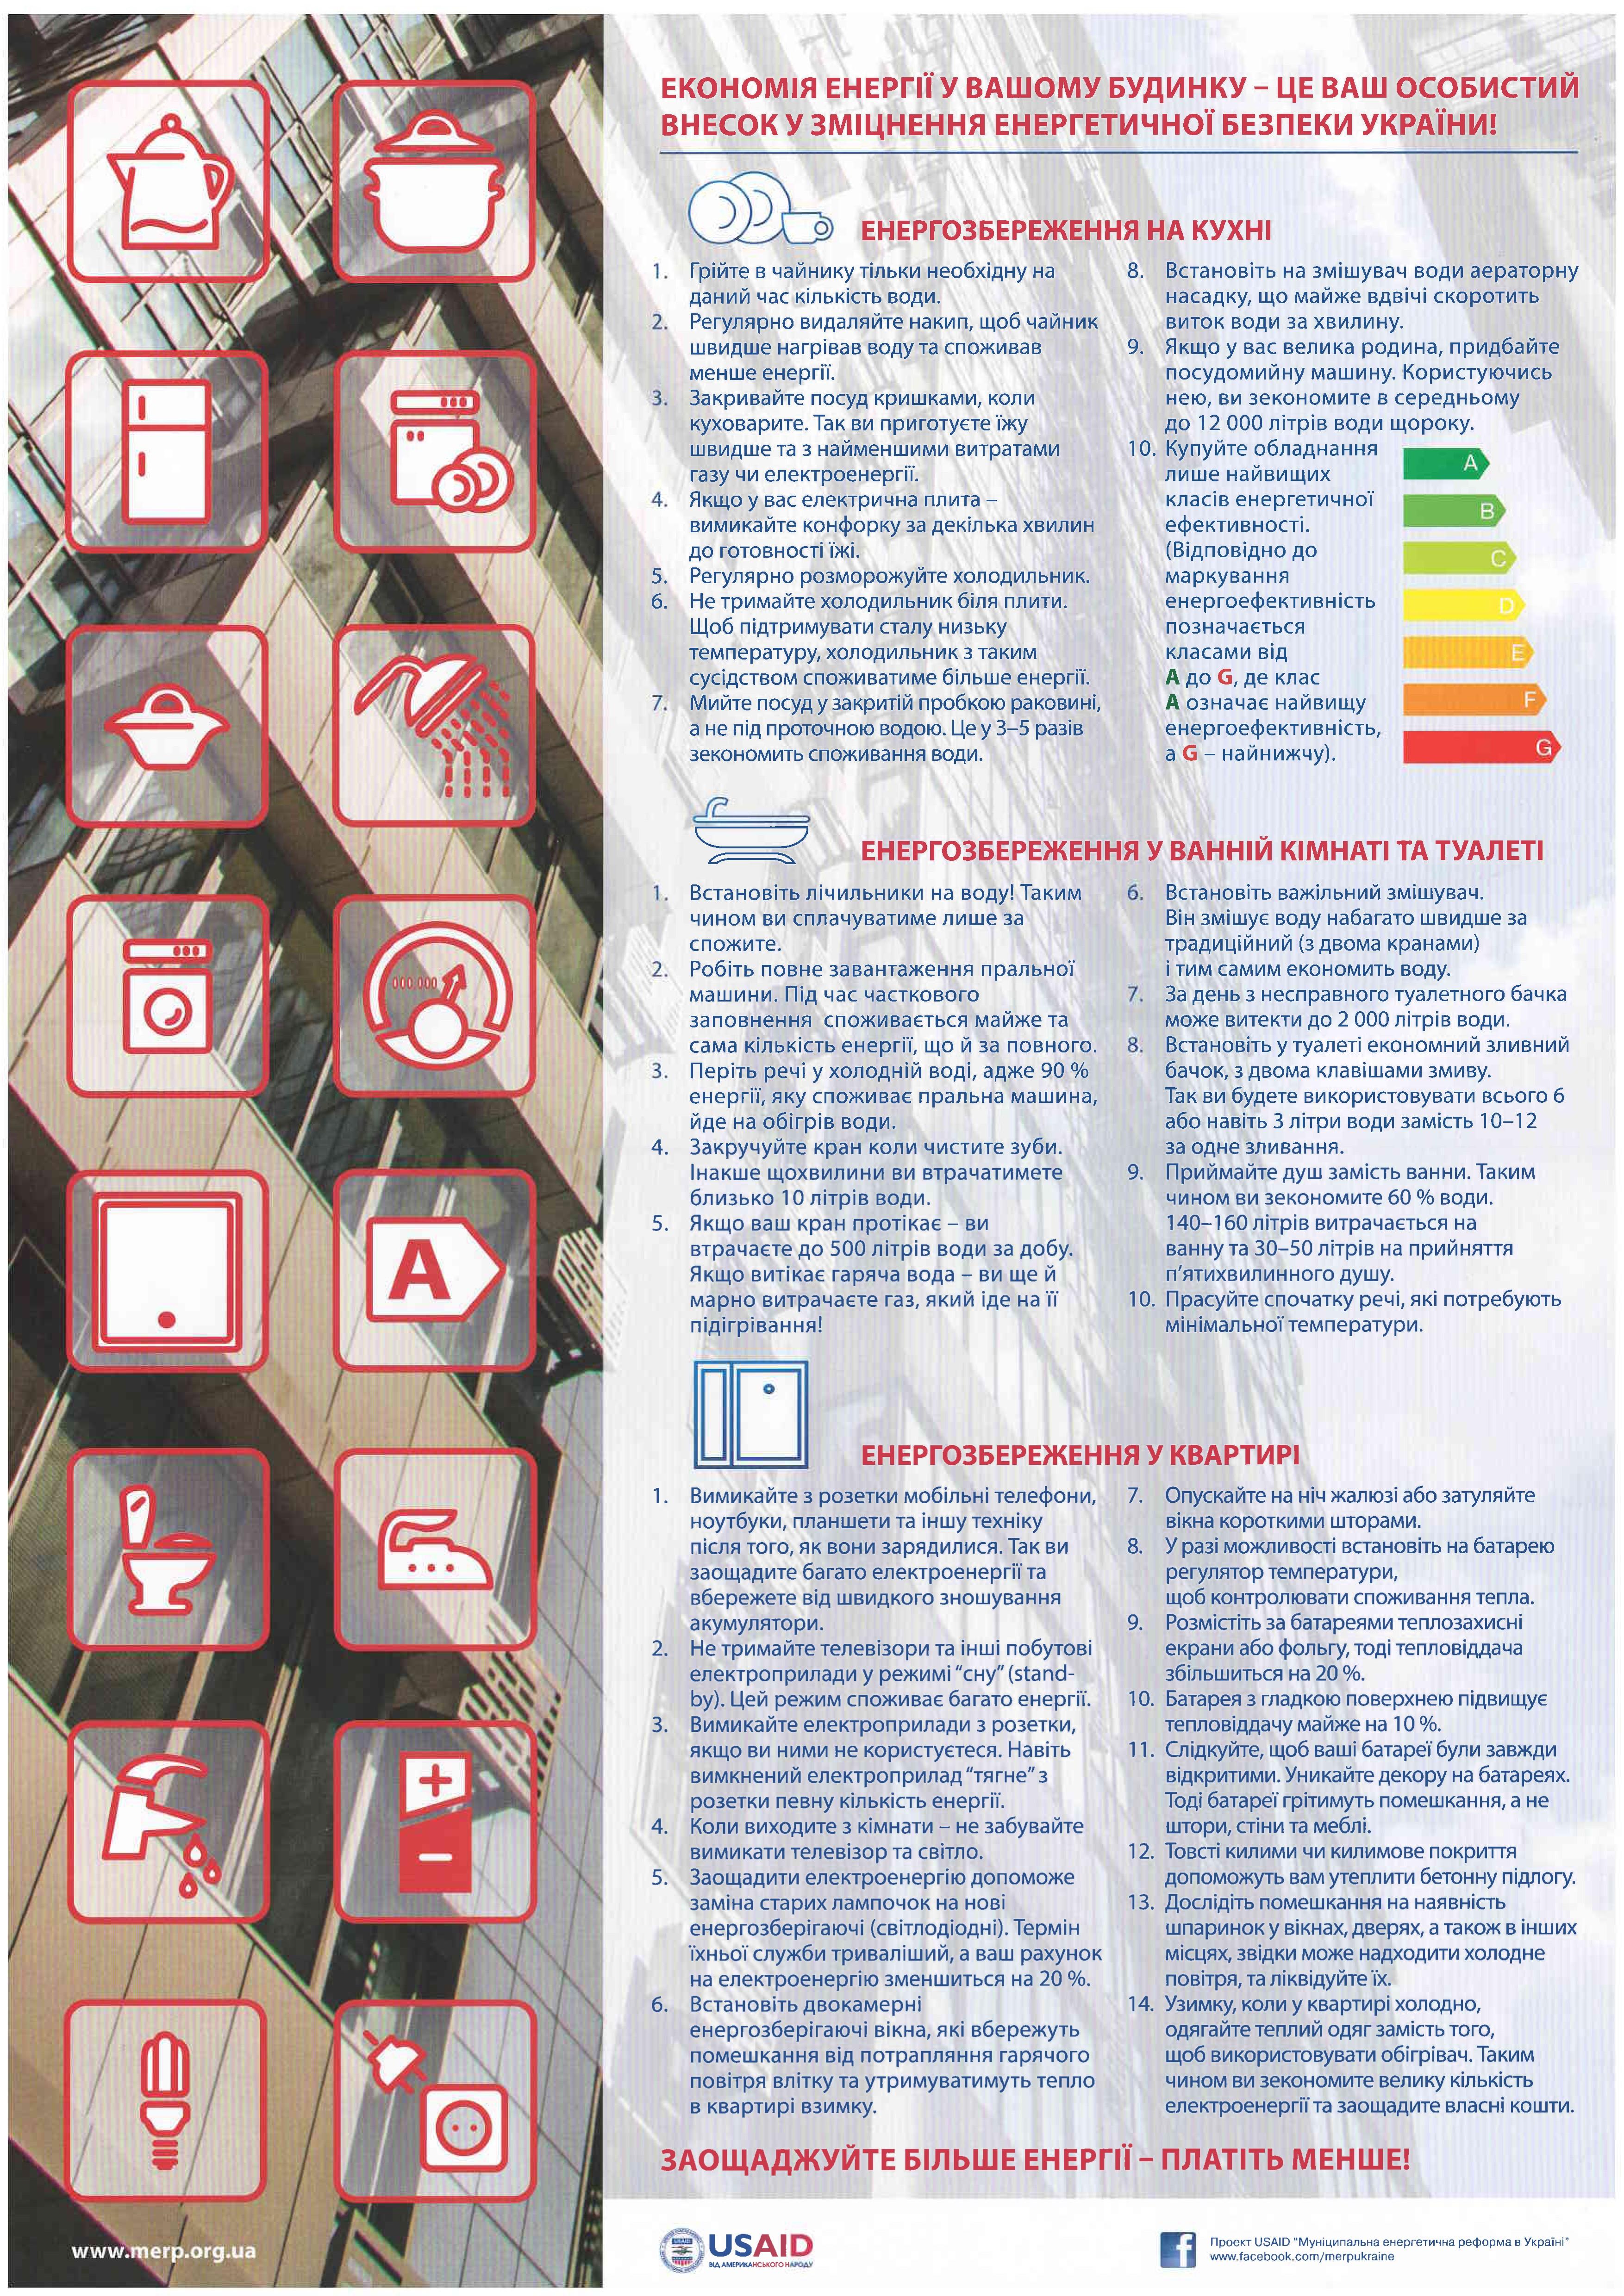 Економія енергії у вашому будинку